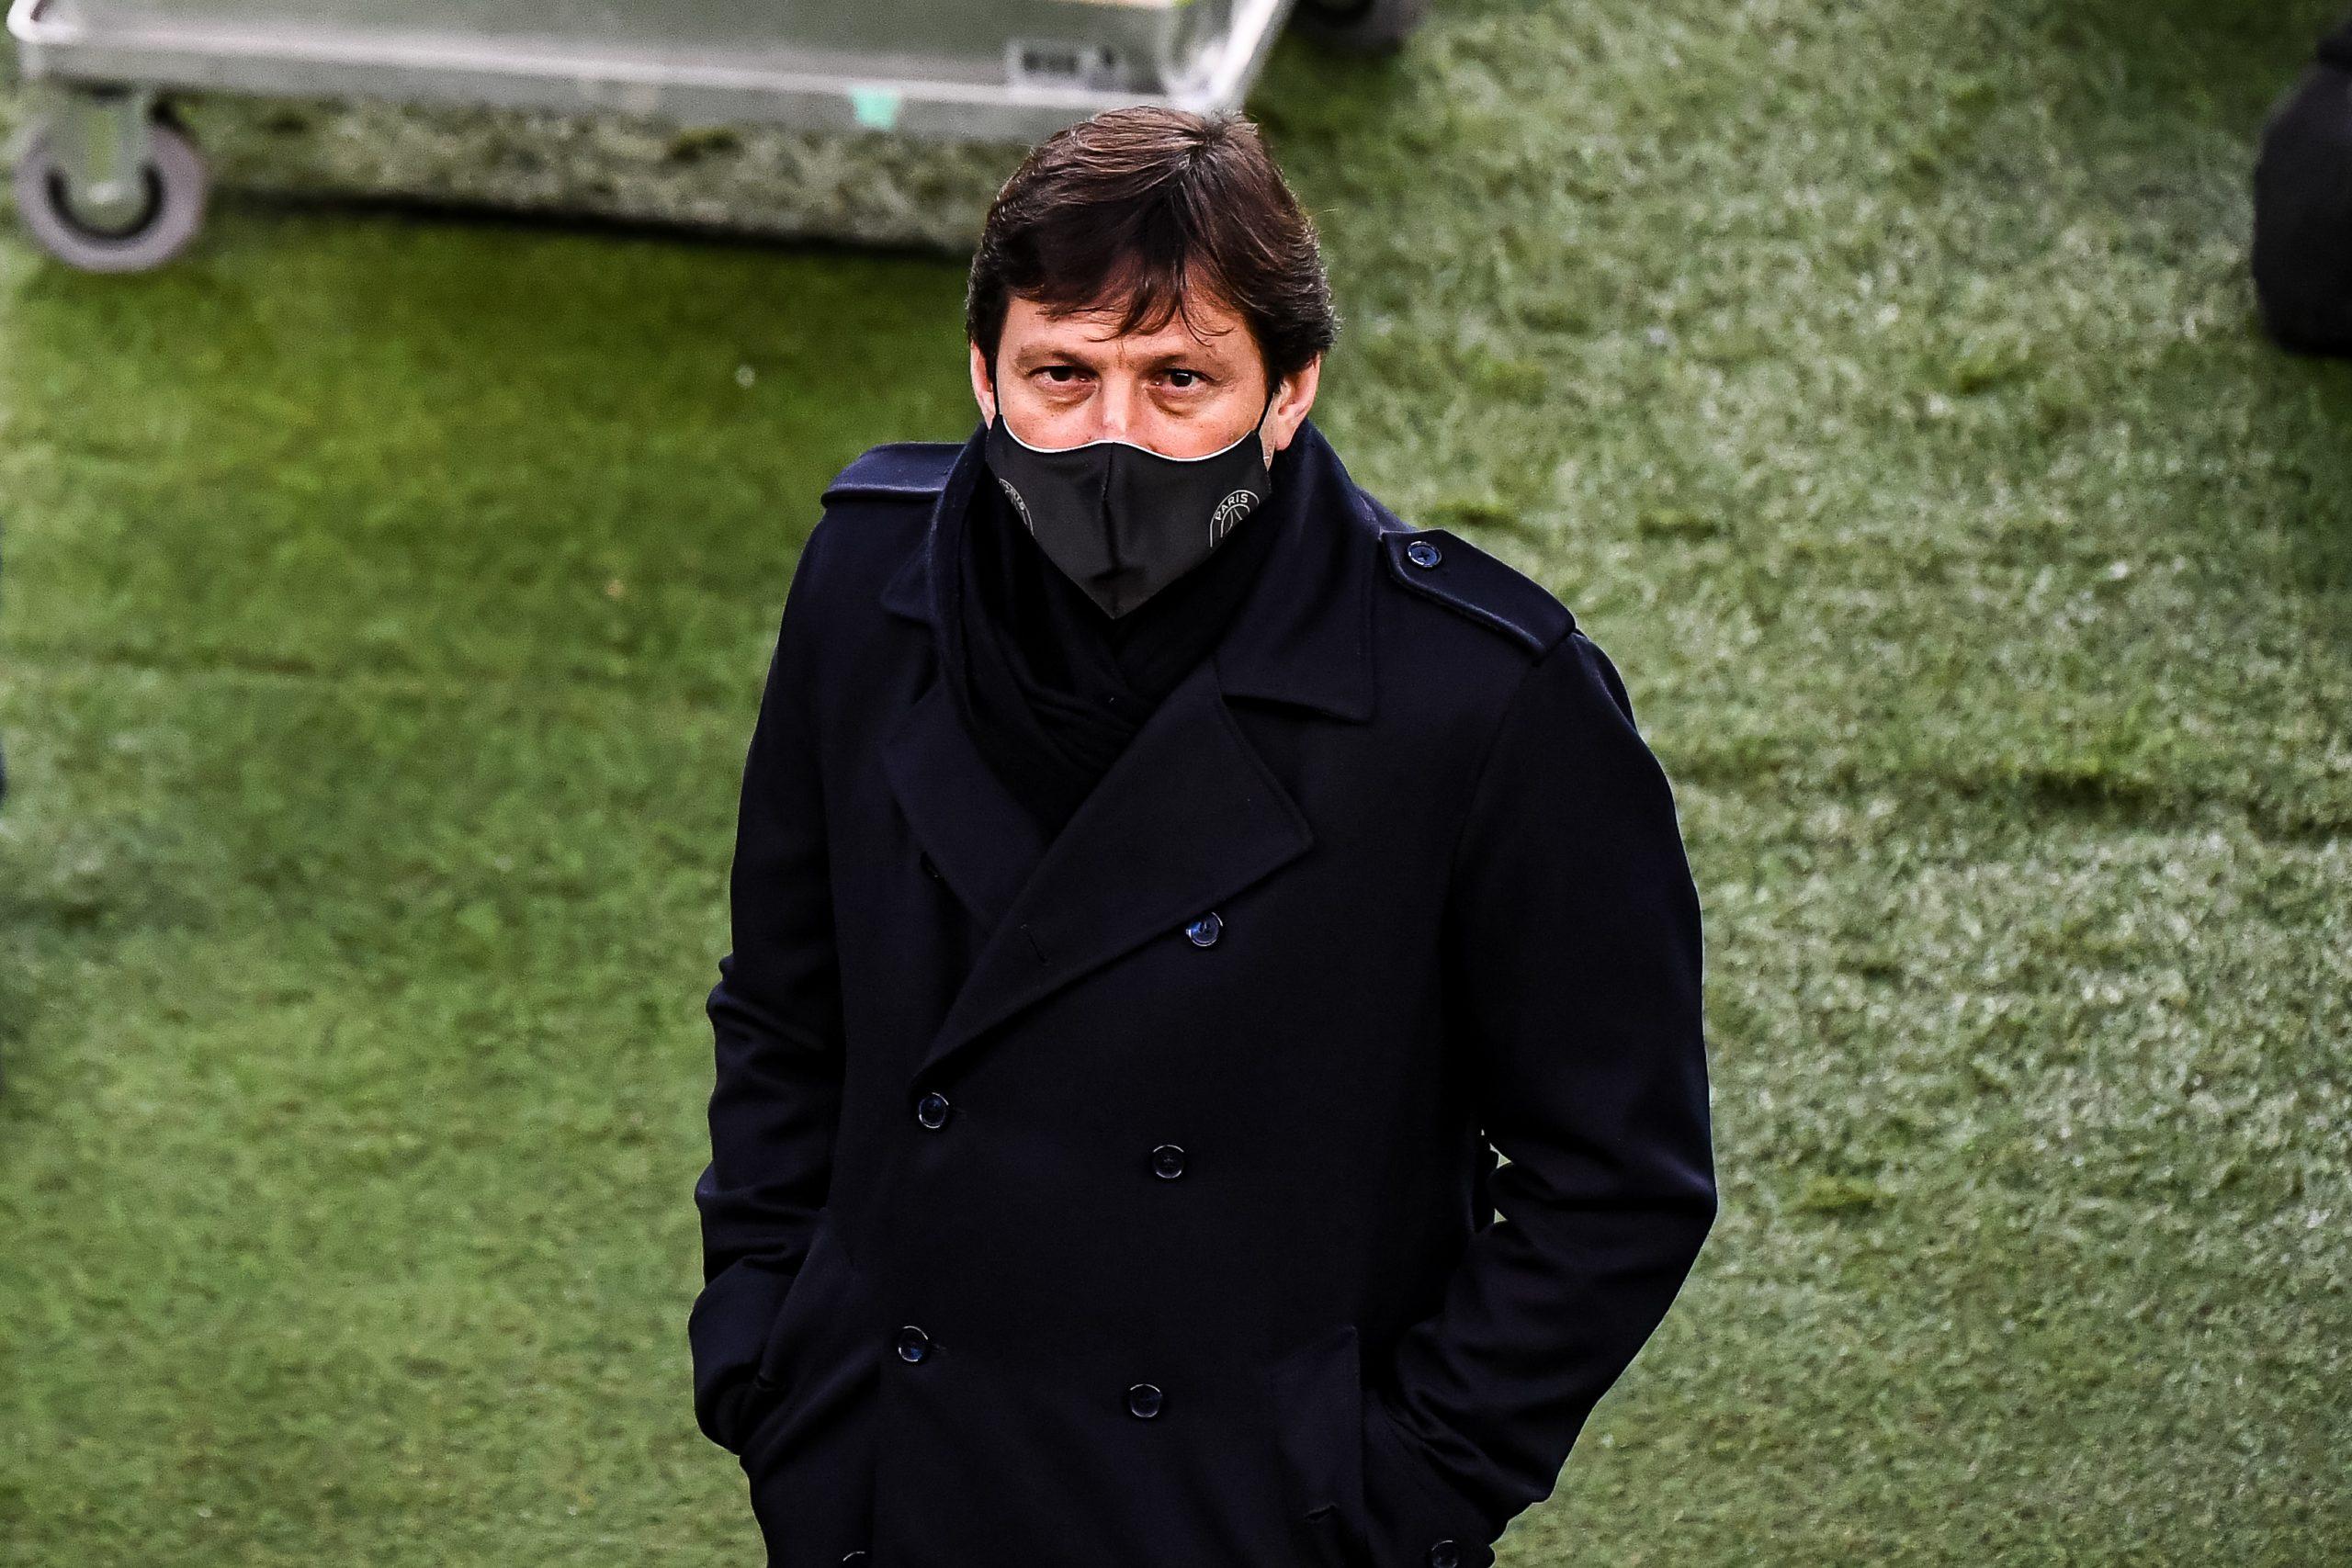 """City/PSG - Leonardo évoque l'arbitre, Pochettino et promet """"on va réaliser des choses importantes"""""""